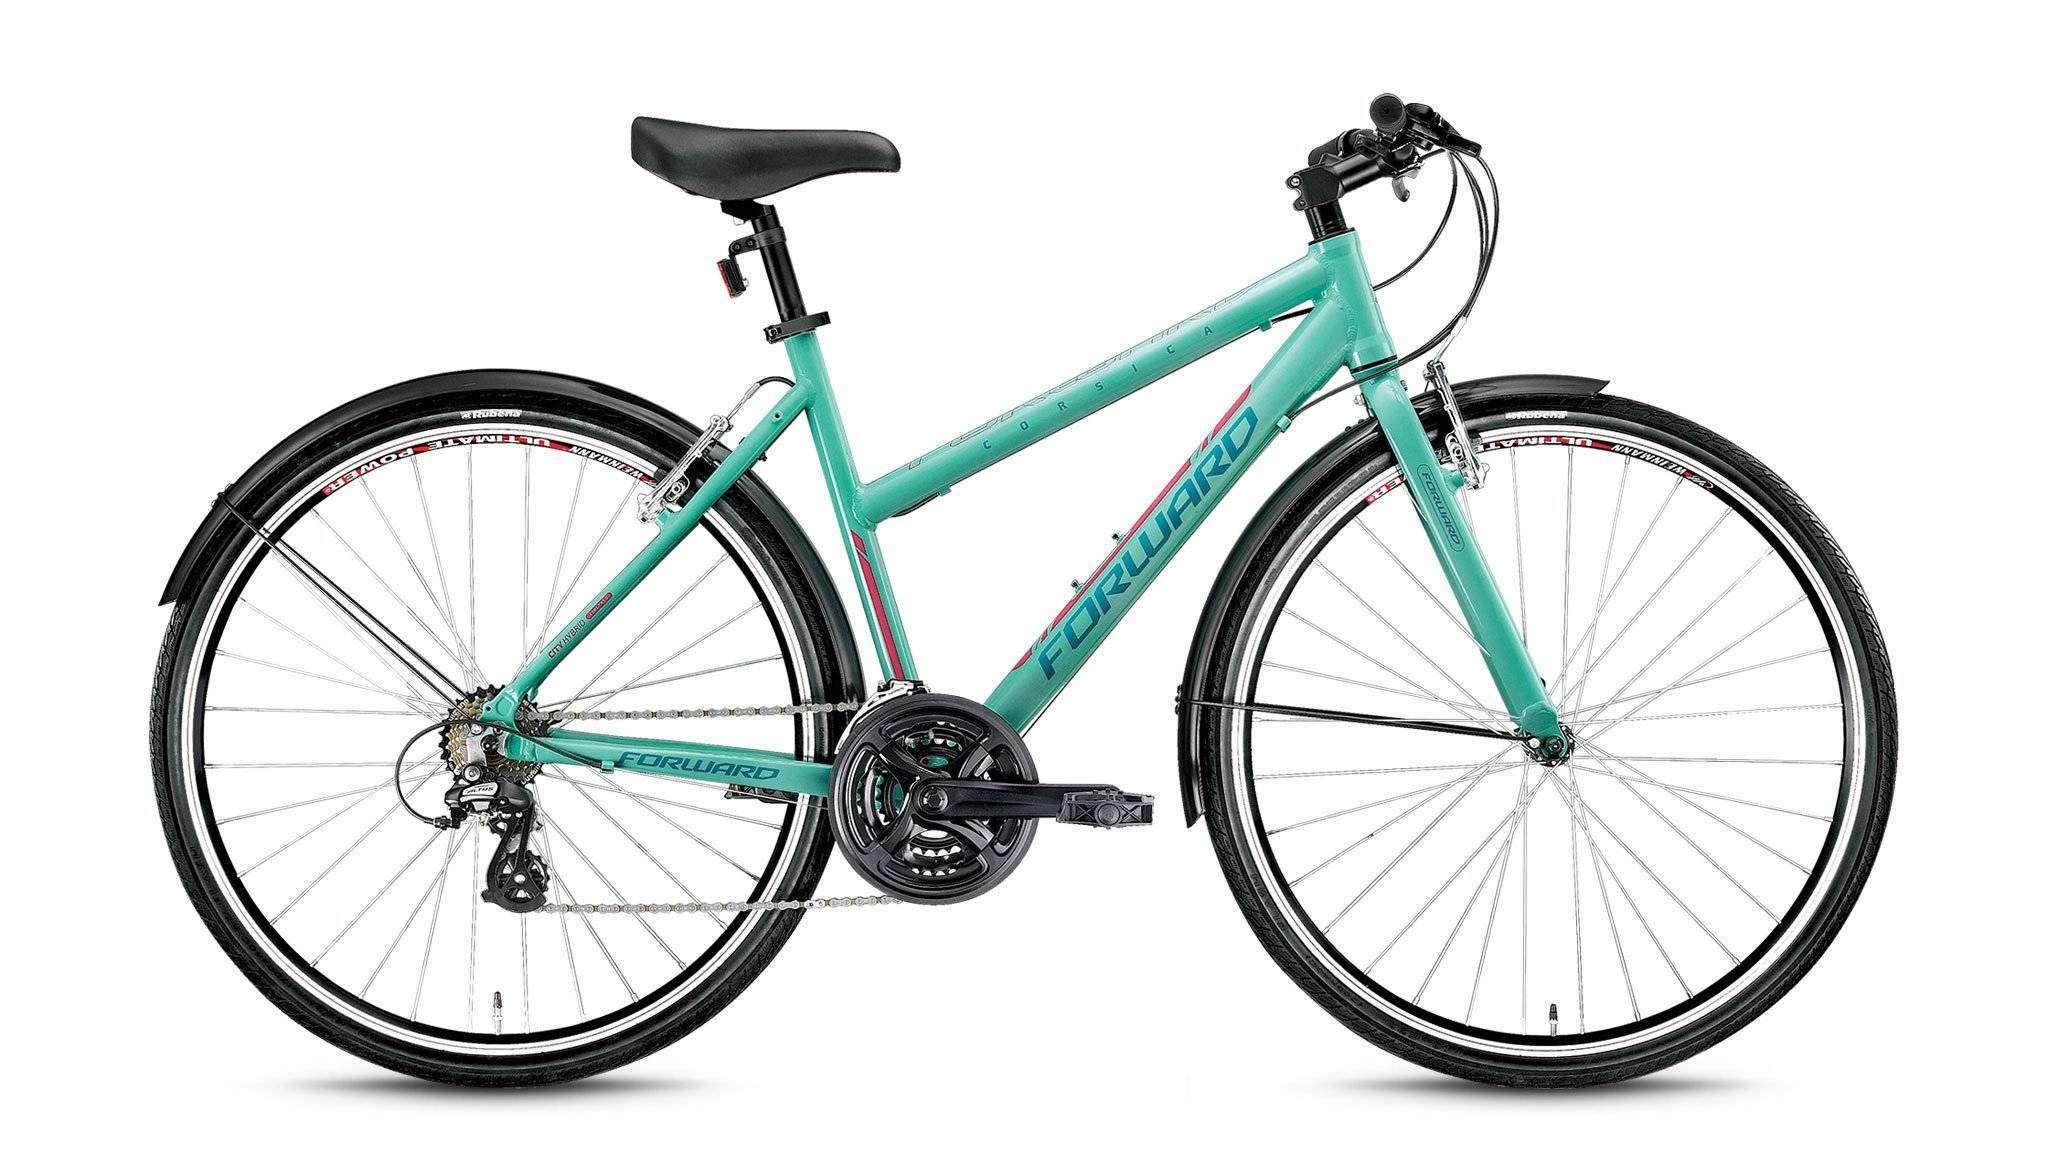 Велосипед FORWARD CORSICA 1.0 700C 21 ск. рост 490 мм; 2015-2016 35196